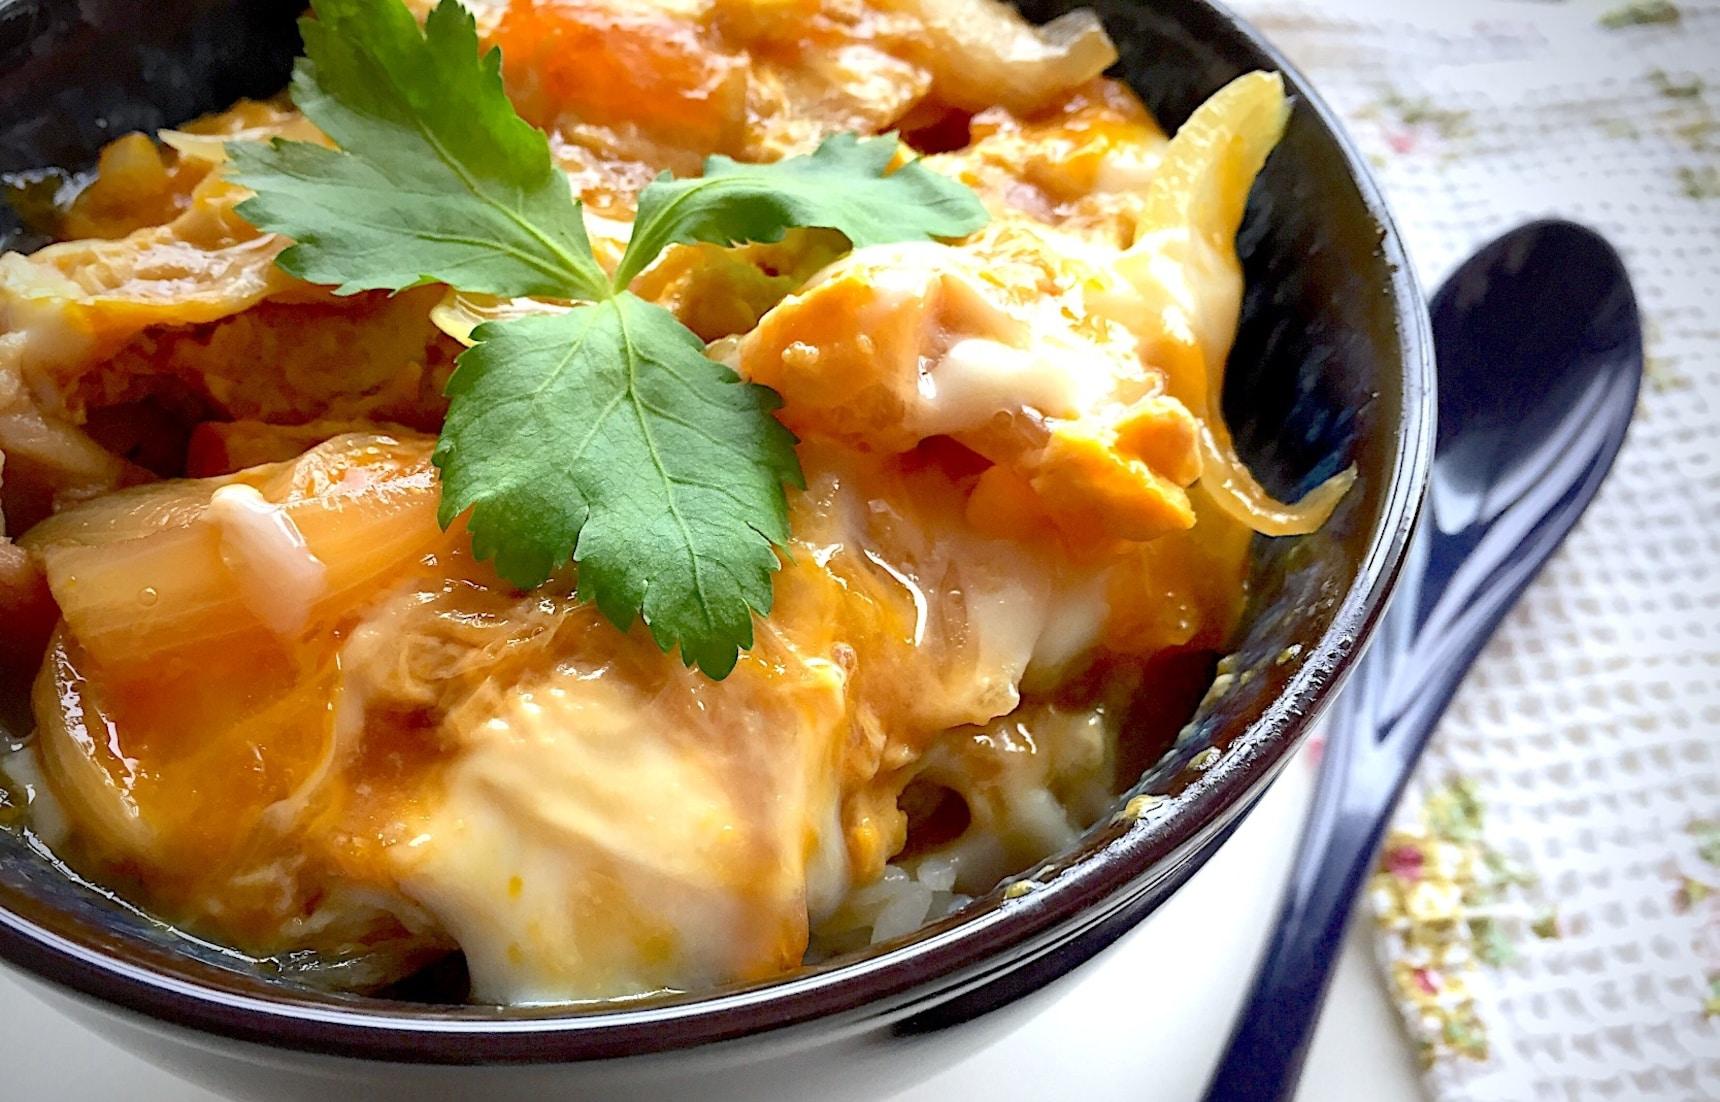 สูตรโอยาโกะด้ง ใส่ไข่เยิ้มๆแบบญี่ปุ่นแท้ๆ